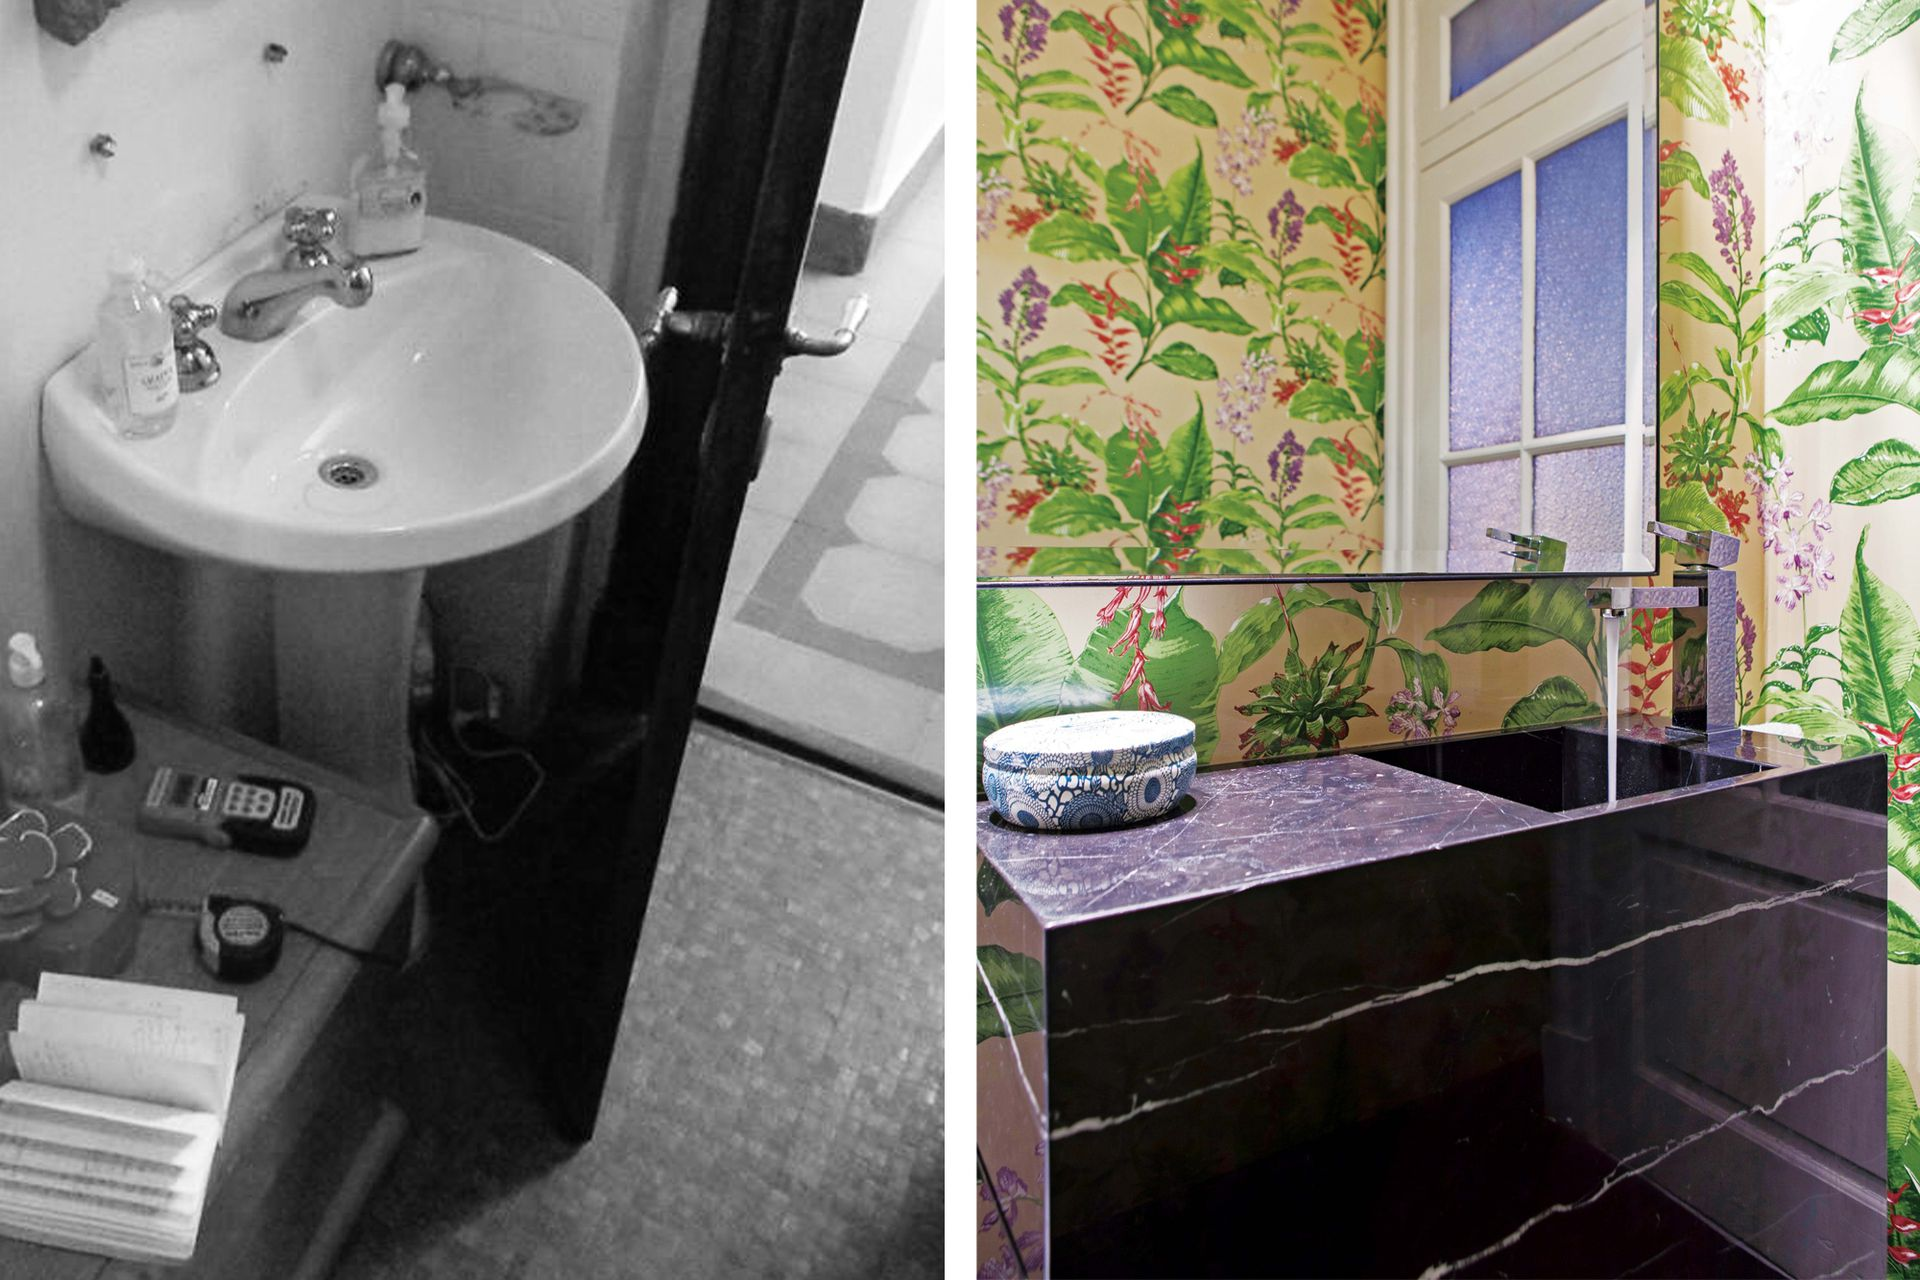 El motivo tropical se multiplica en el gran espejo con marco de hierro creando un efecto irresistible y en perfecta combinación con el piso y el mueble negros. Para preservarlo impecable, la pileta tiene una alzada de acrílico transparente que repele salpicaduras.